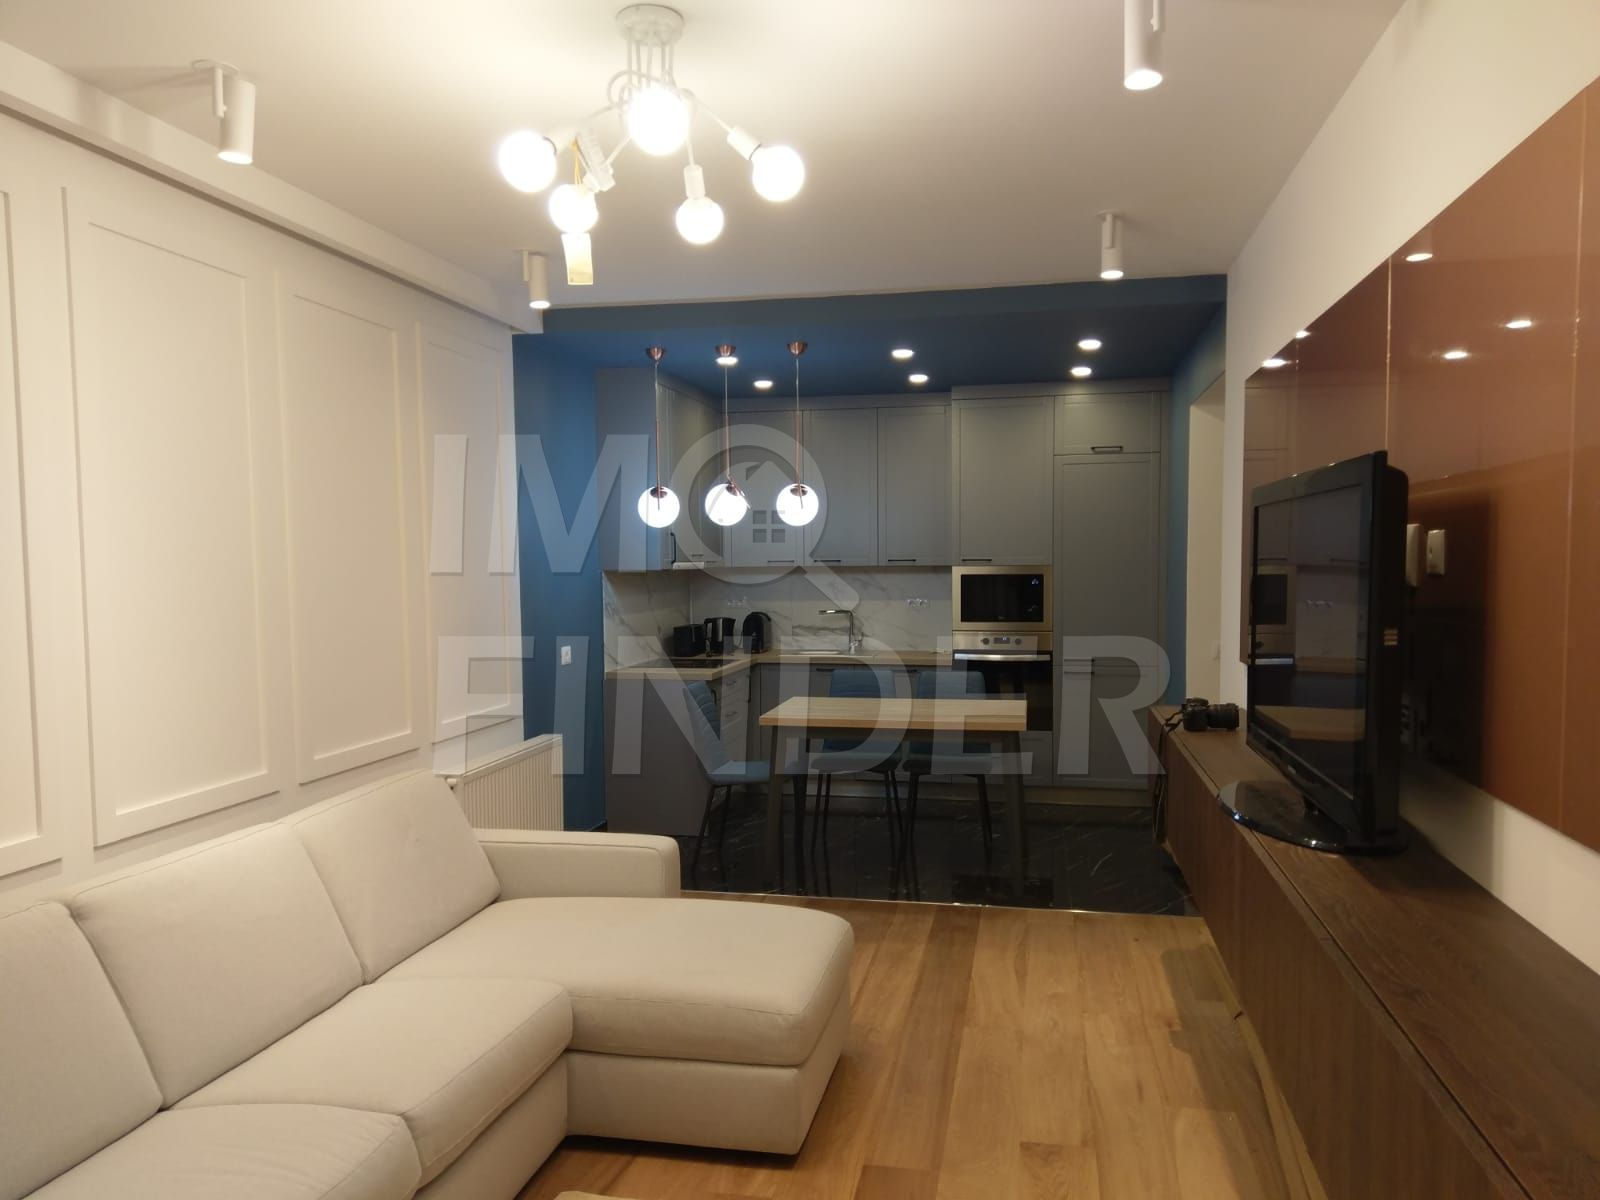 Inchiriere apartament 3 camere Piata Mihai Viteazul, Centru